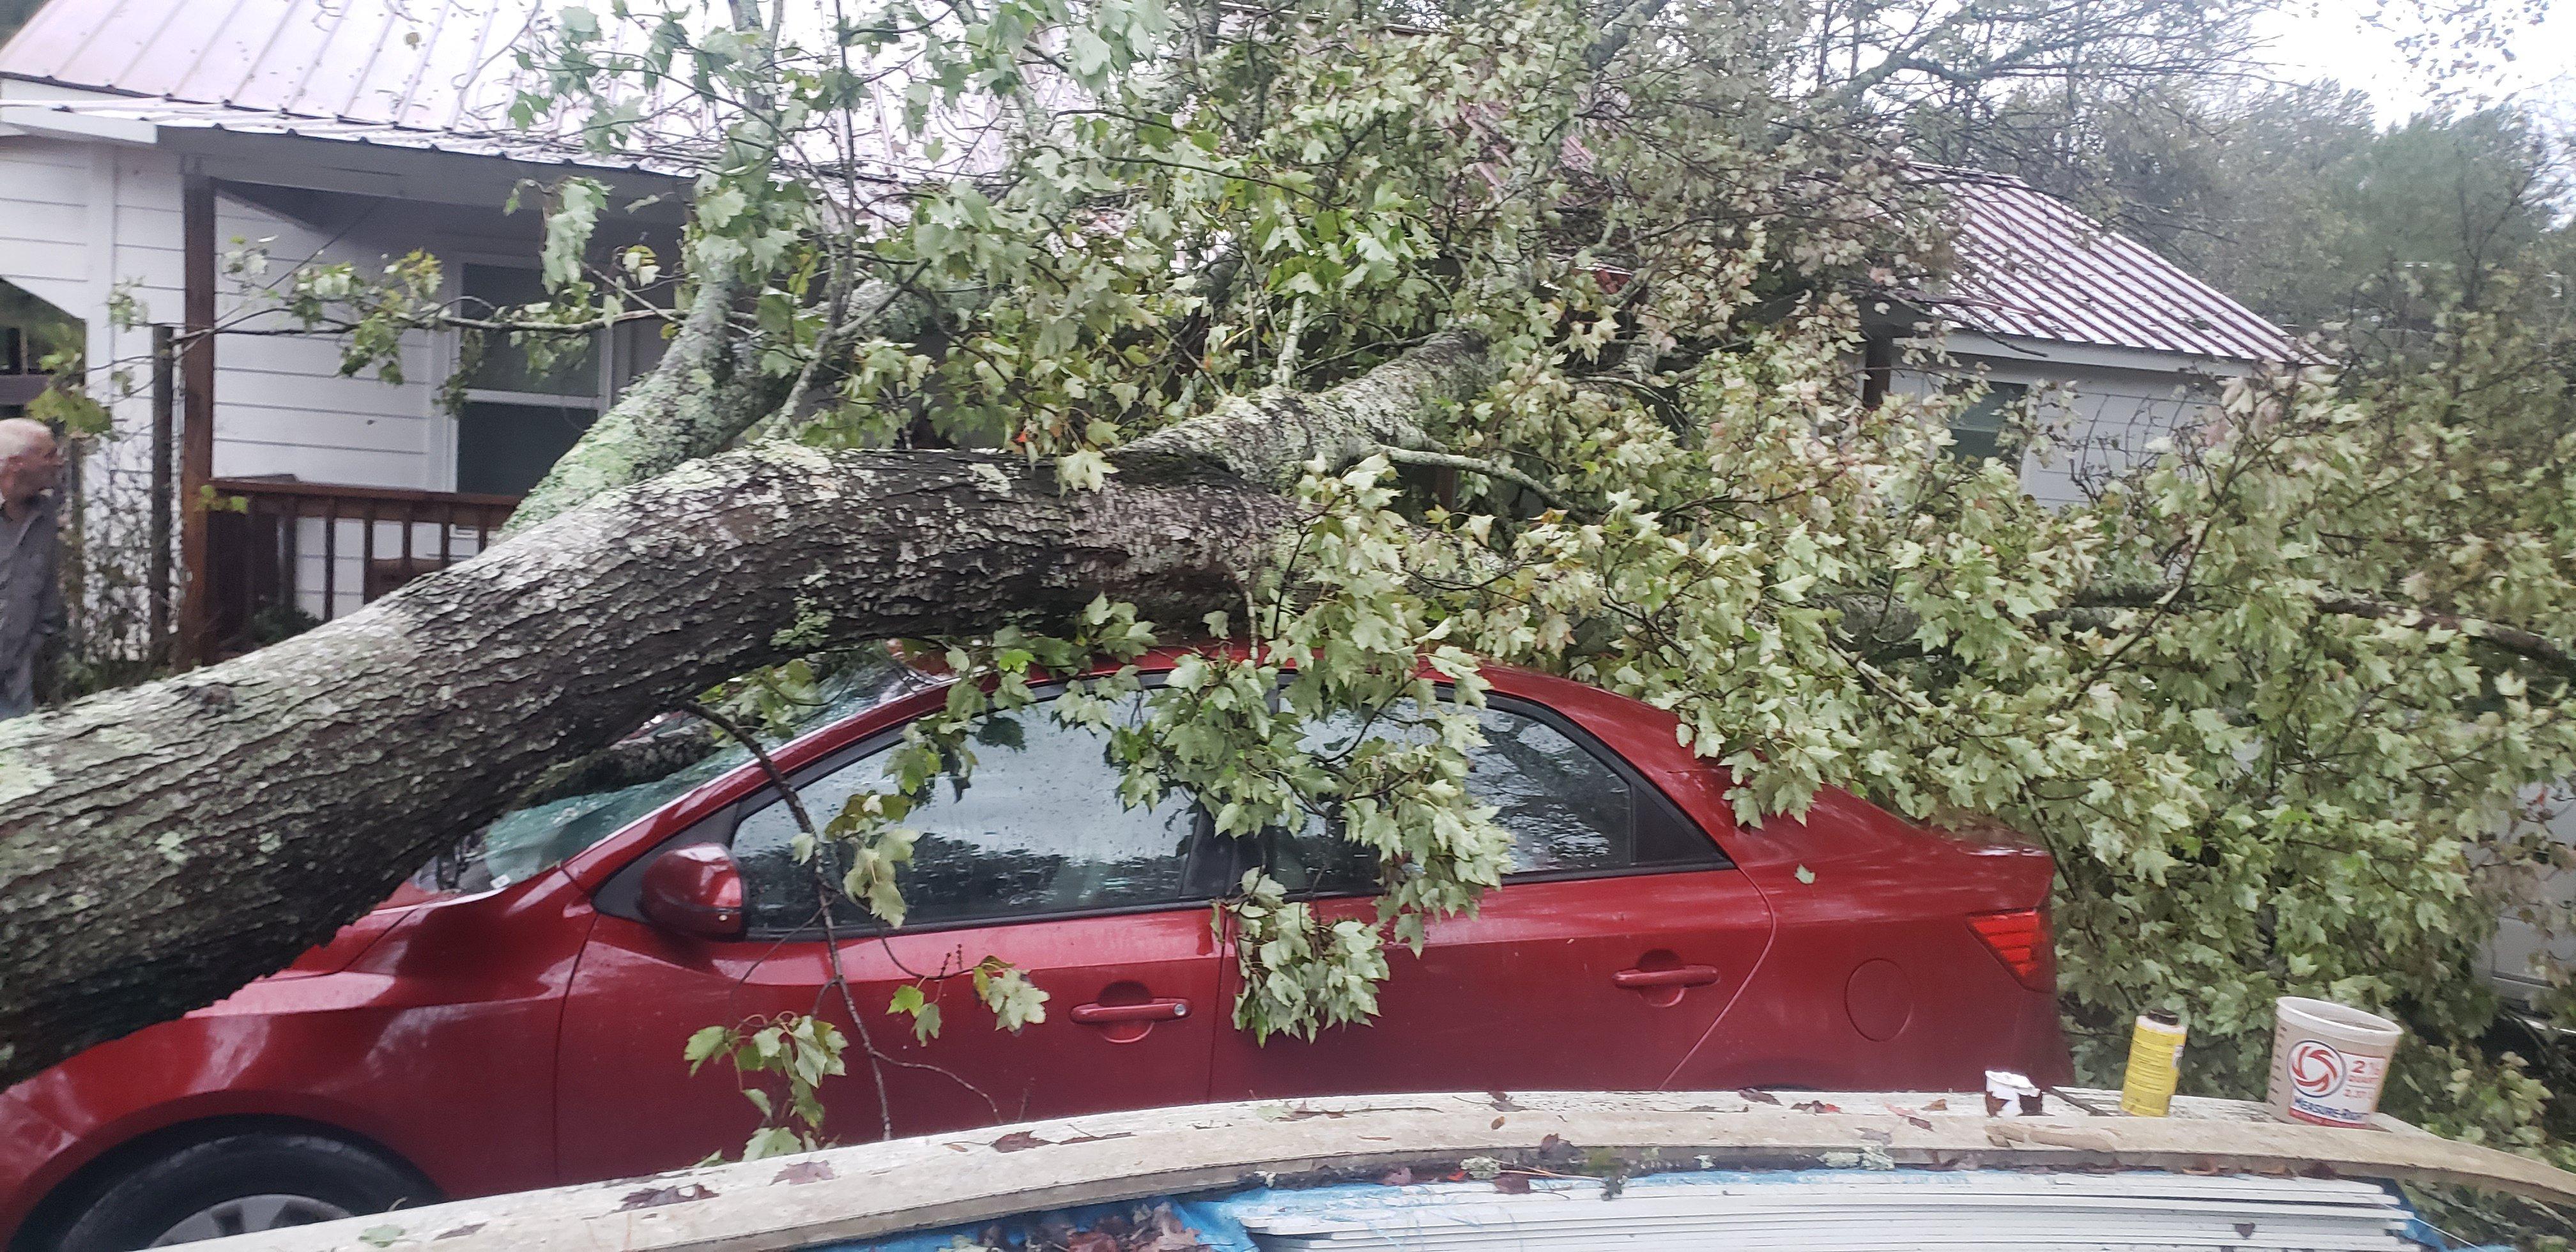 Car damaged 2.jpg